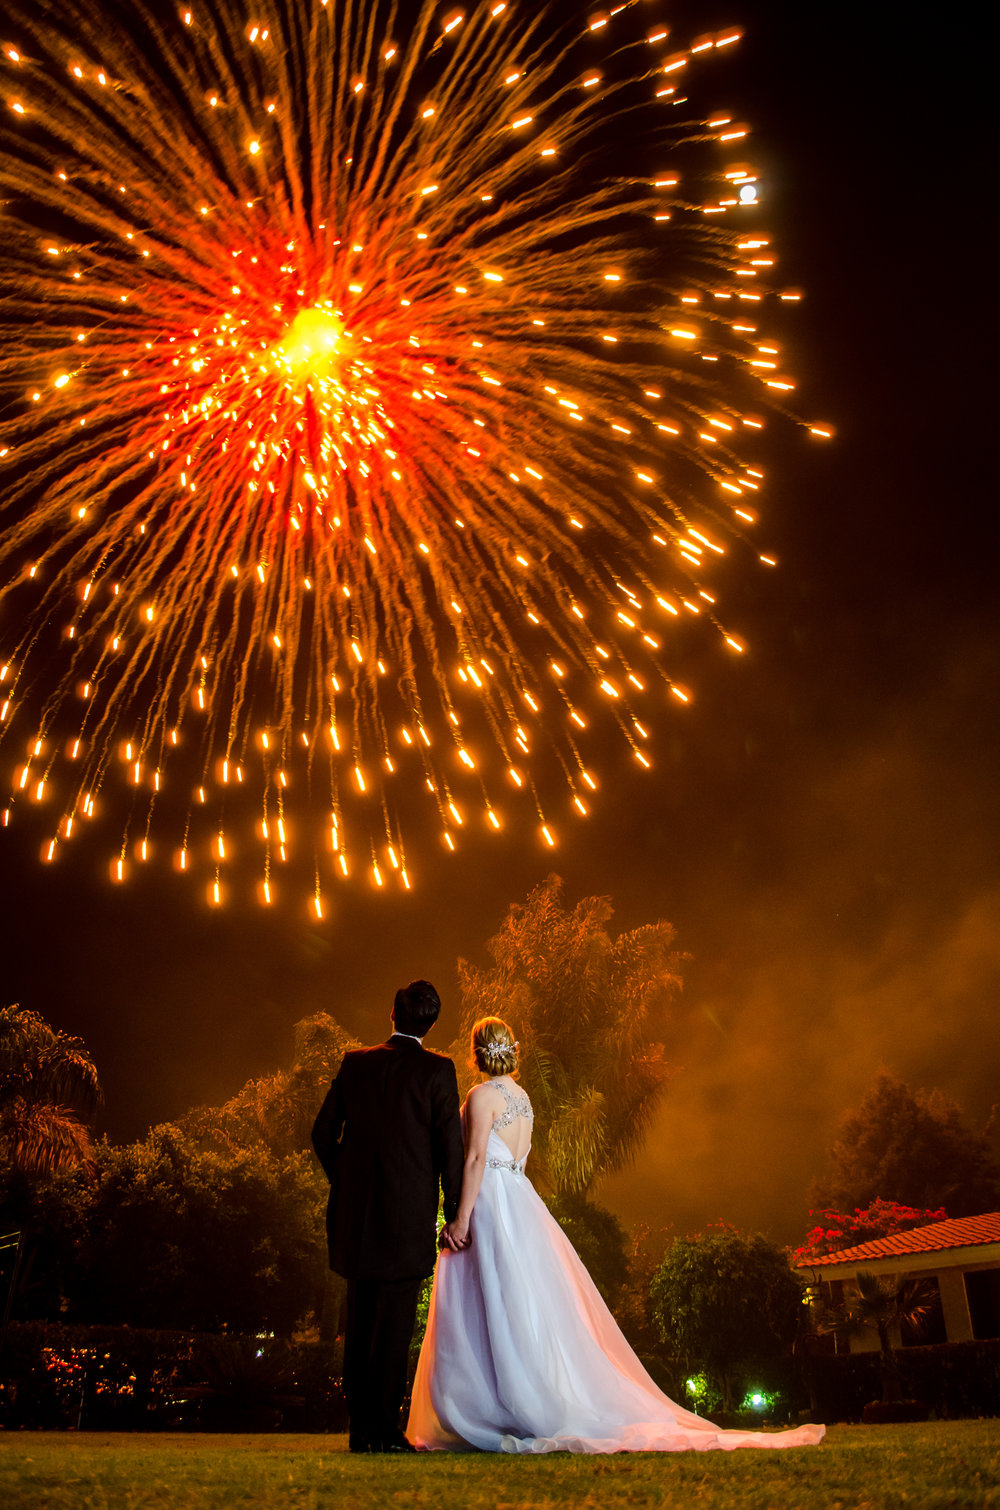 Boda Carolina y Valo | Acrofest Puebla - Estoy de regreso con una de mis mejores bodas del 2017, Carolina y Valo, quienes me trataron super bien :D